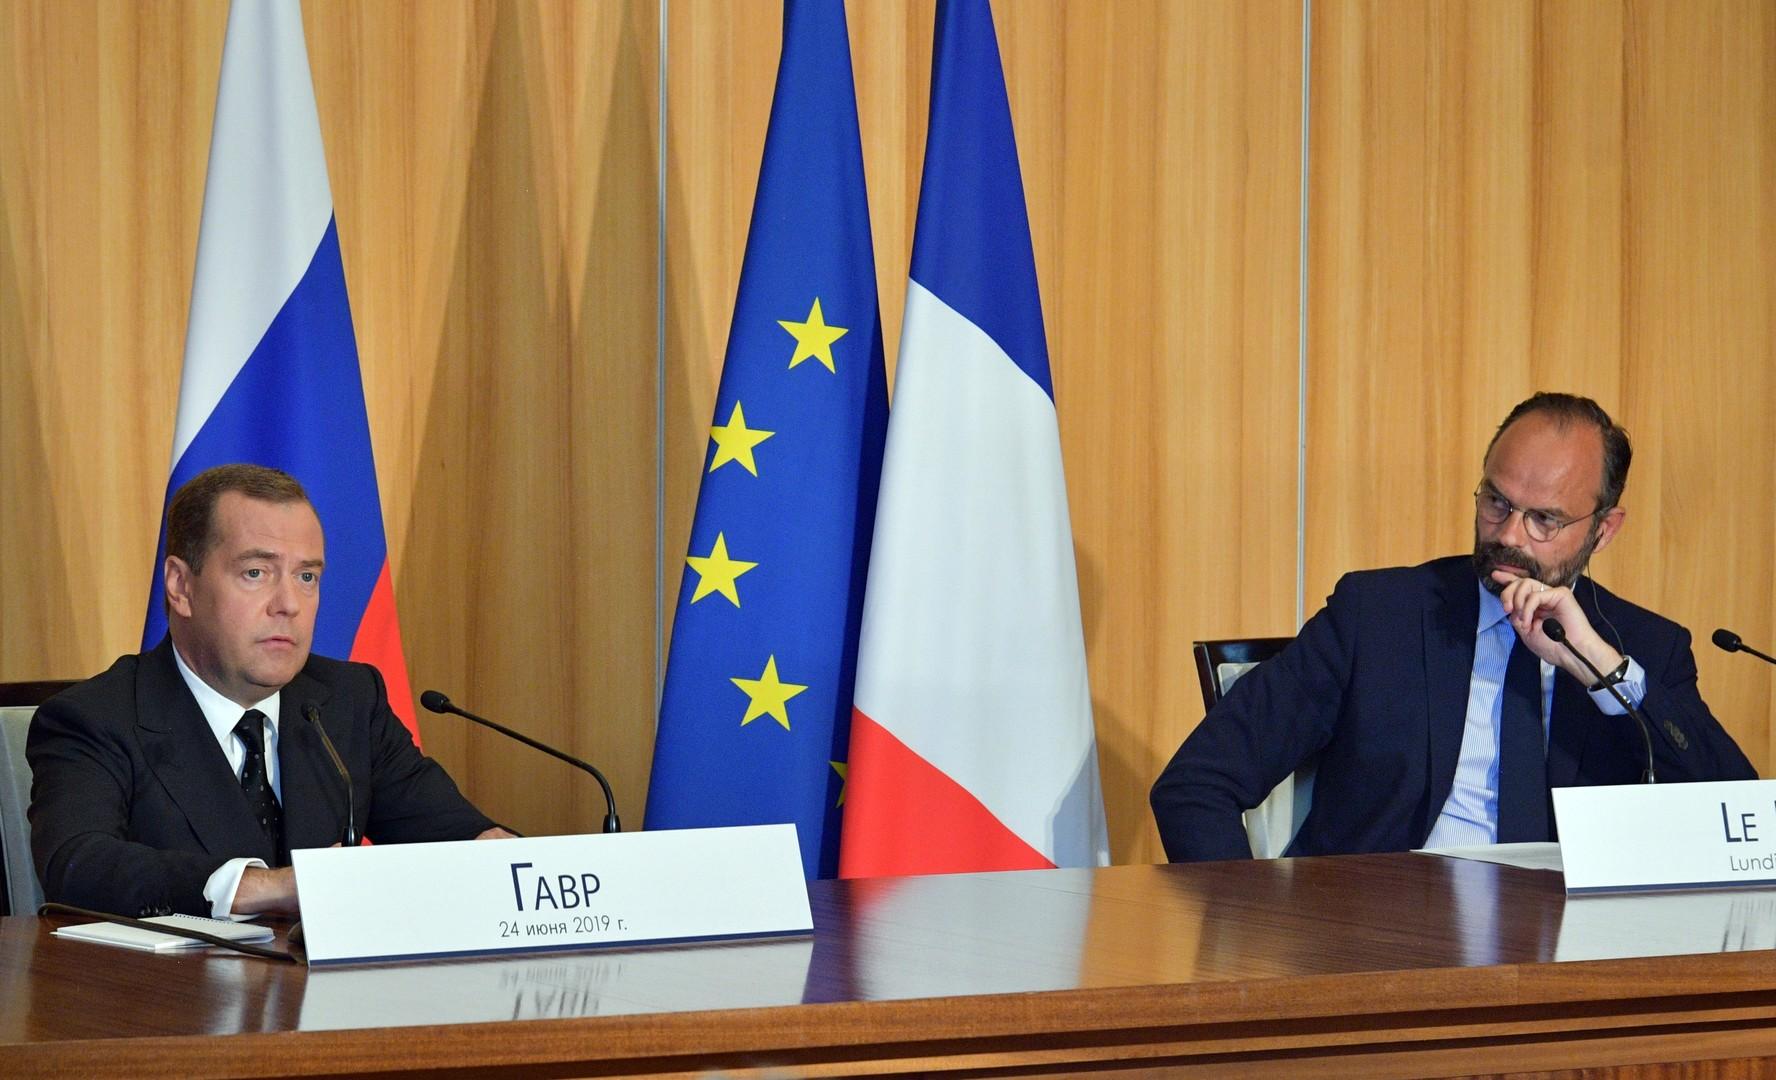 رئيس الوزراء الروسي ديمتري ميدفيديف ونظيره الفرنسي إدوارد فيليب